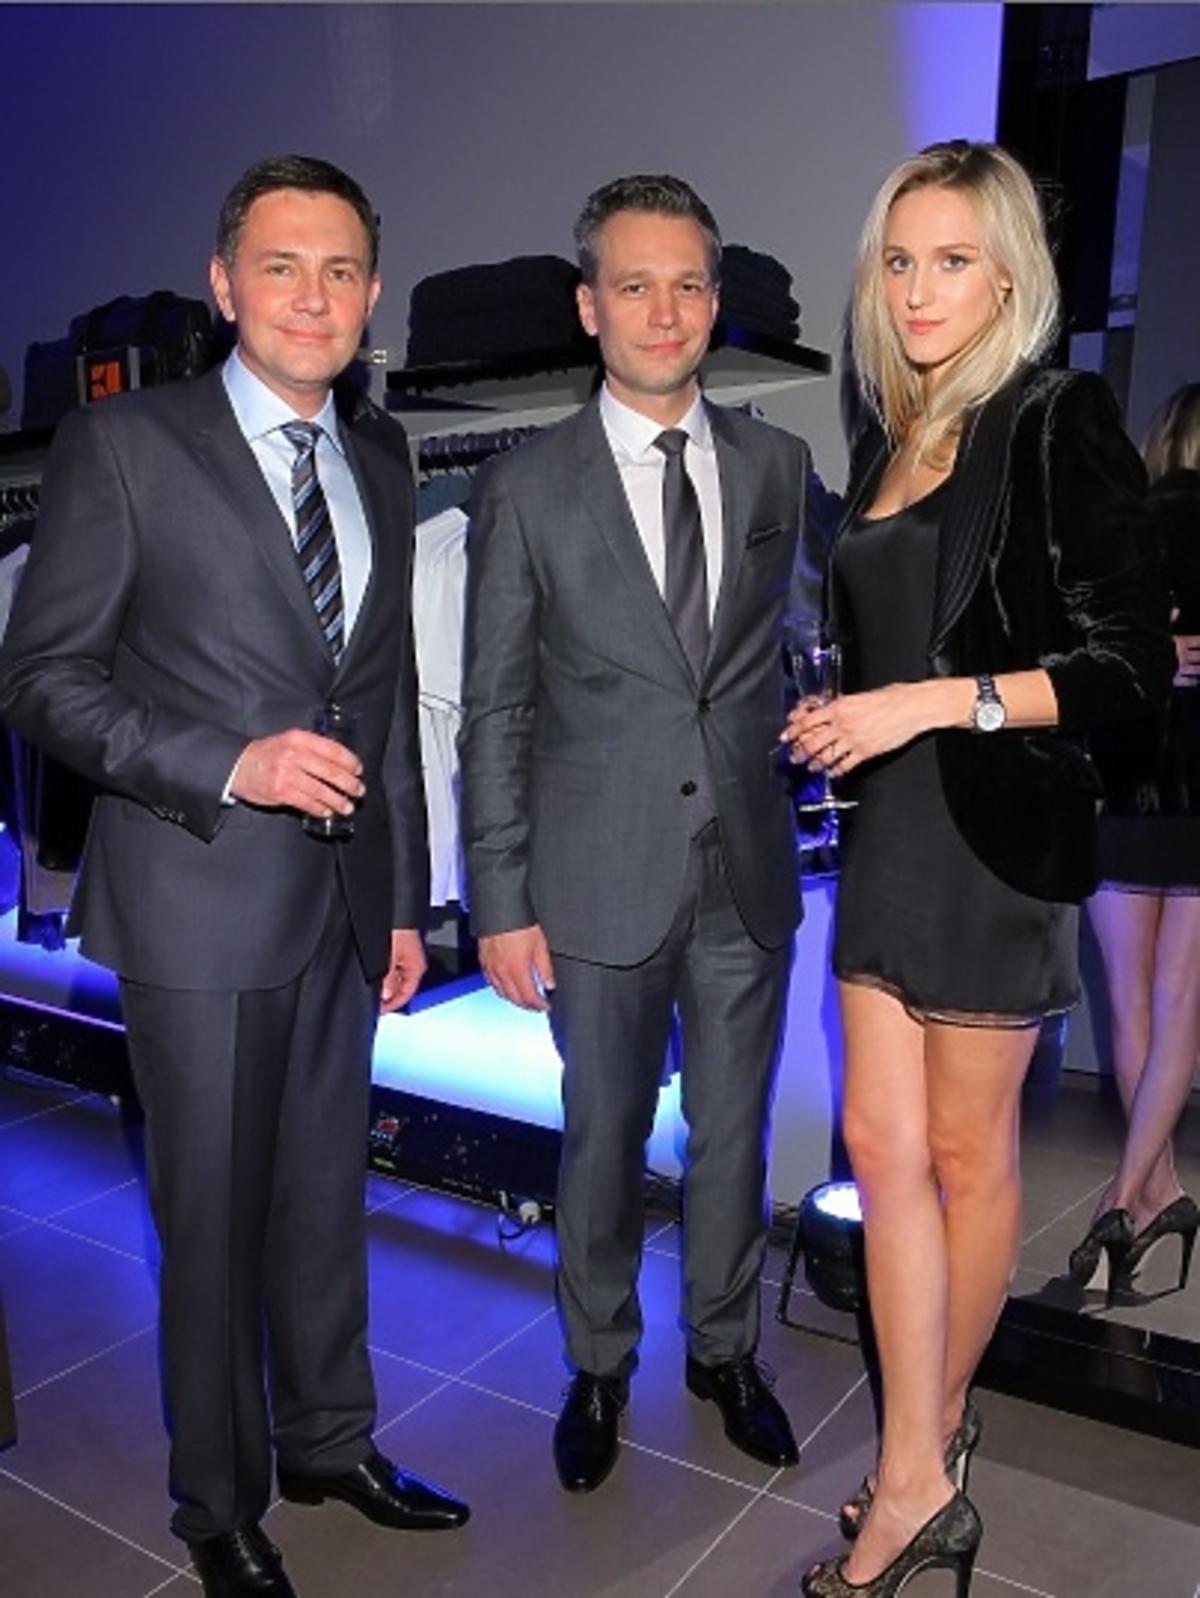 Krzysztof Ibisz oraz Michał Żebrowski z żoną podczas BOSS Fashion Event w Galerii Mokotów